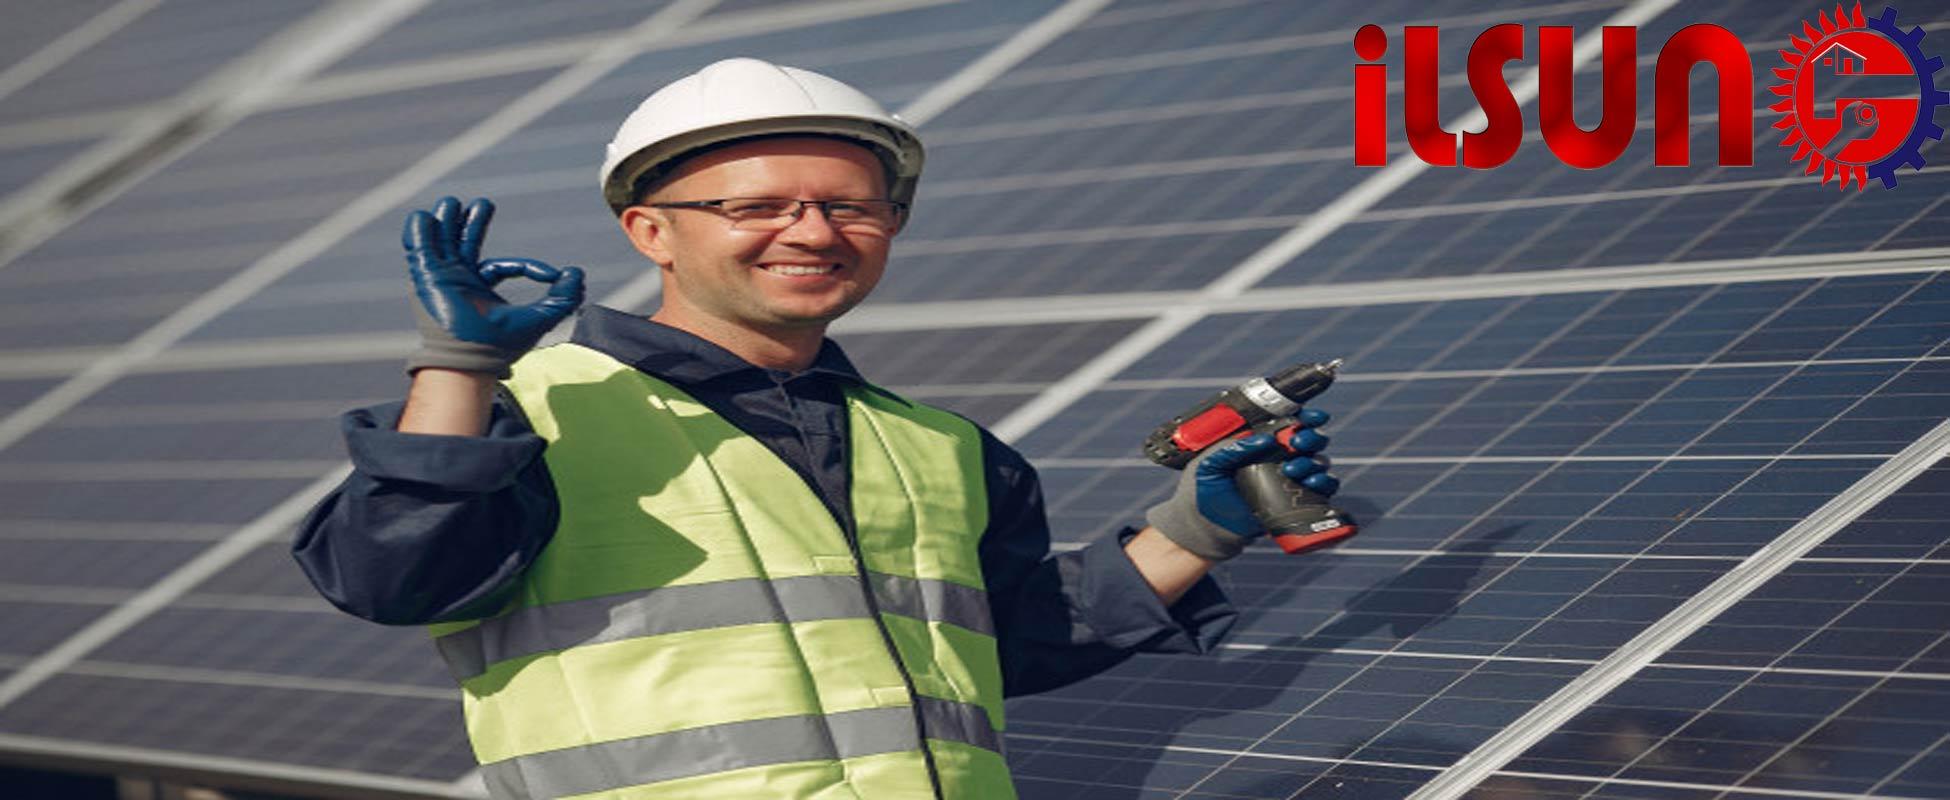 آبگرمکن خورشیدی .بررسی سیستم گرمایش آب برای کاربردهای انرژی خورشیدی